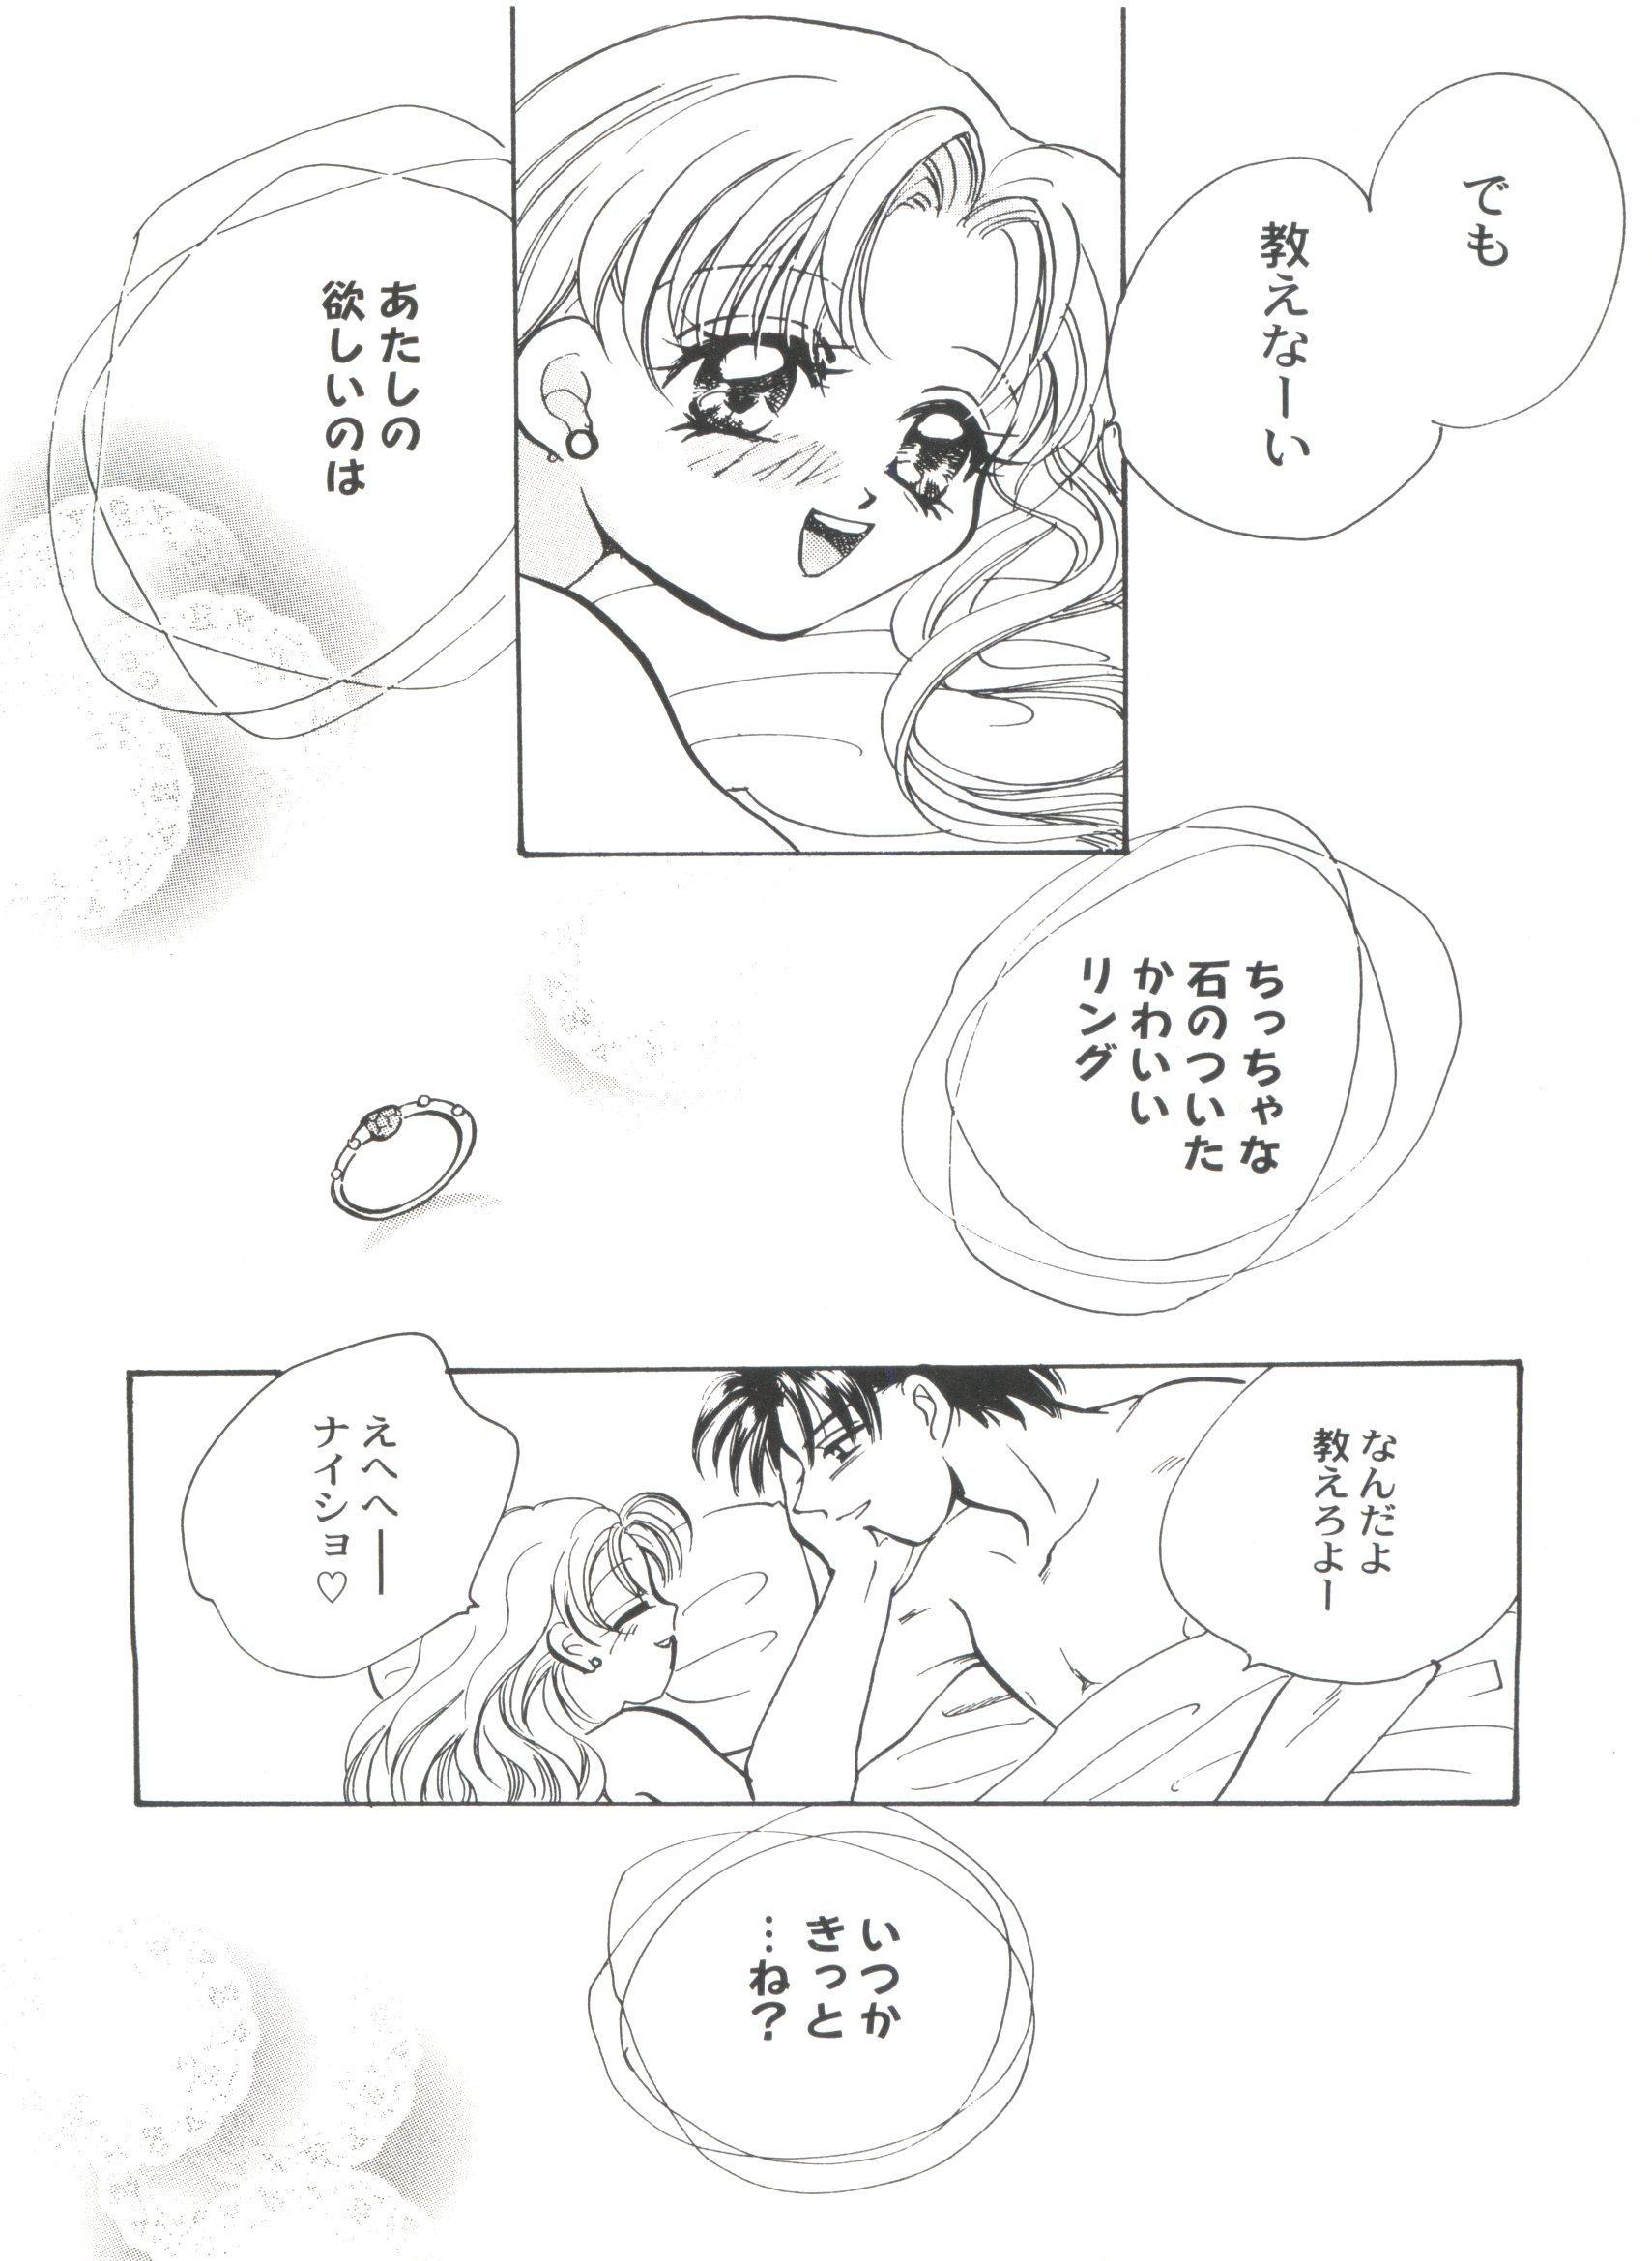 Bishoujo Doujinshi Anthology Cute 4 139